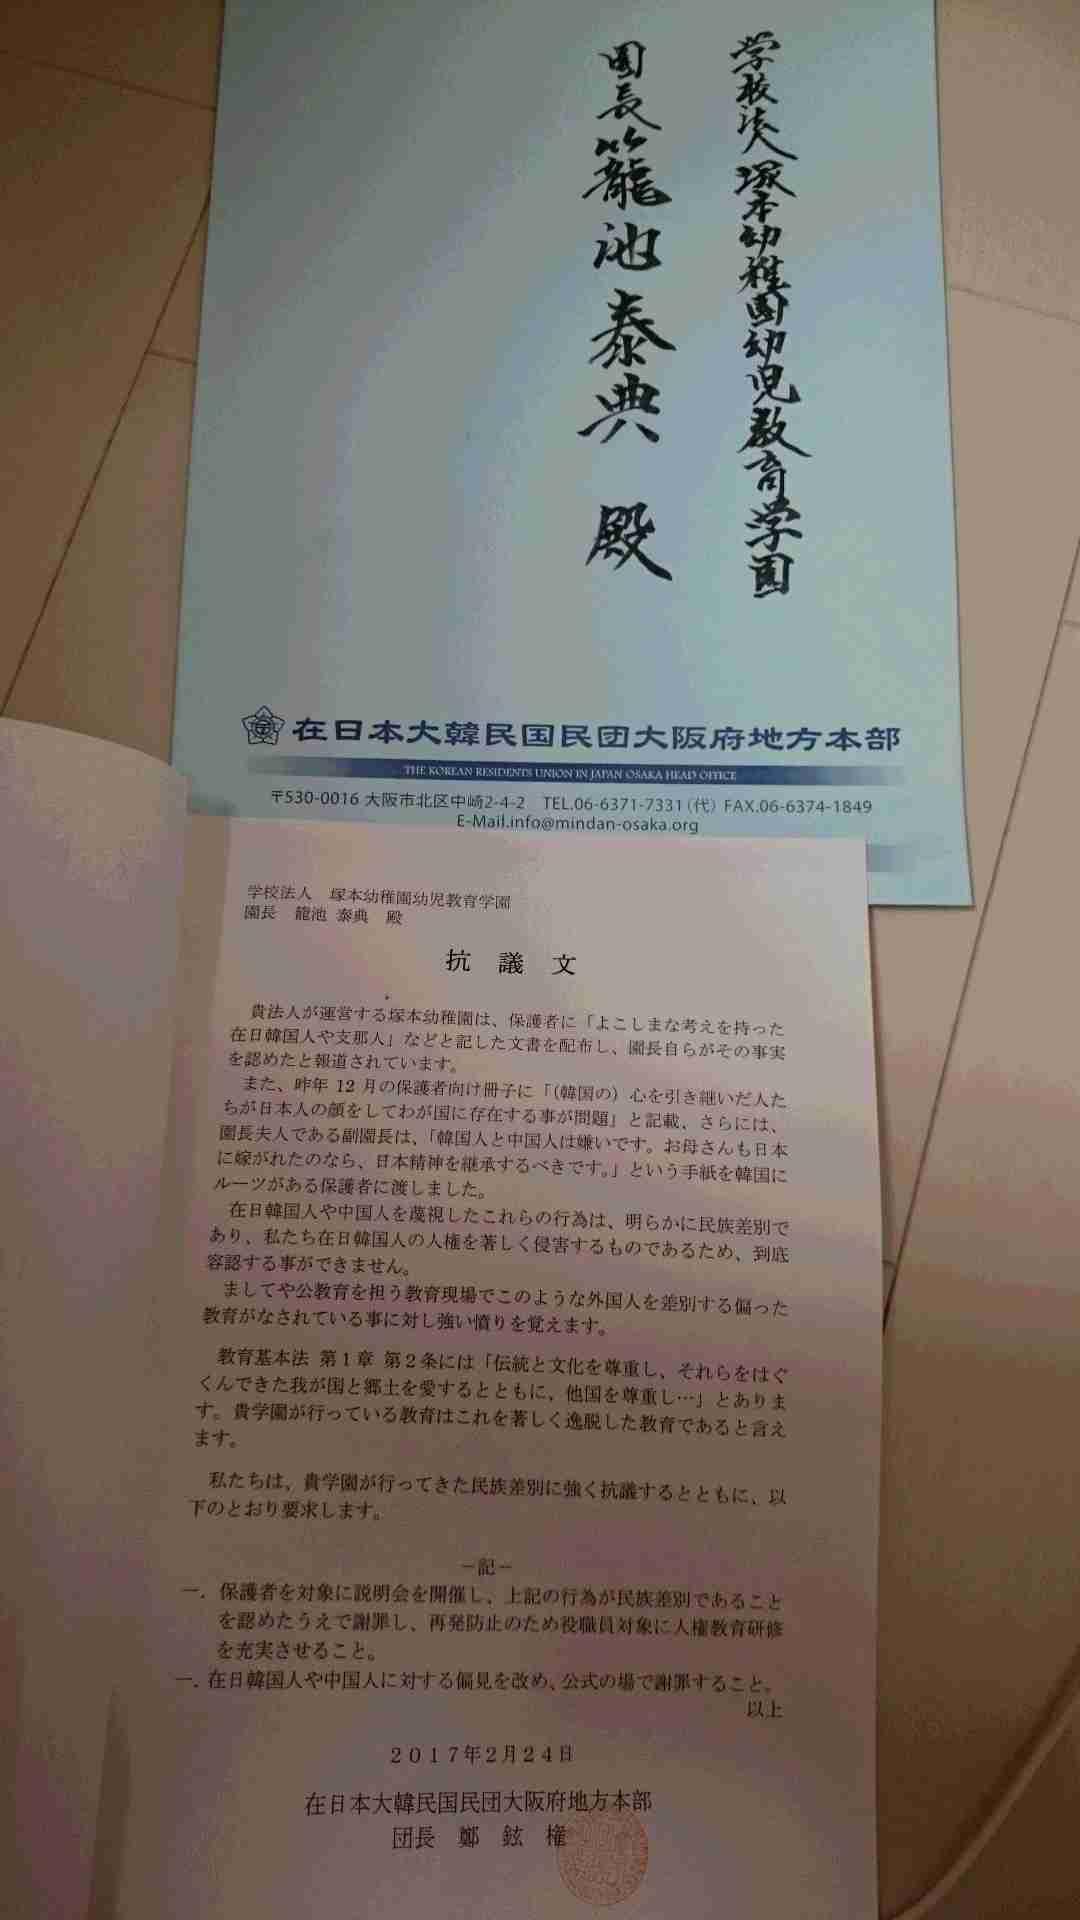 「テレビ離れはテレビの大きさのせい」日本の住宅事情に大画面は適さない?匿名ブログの新説が話題